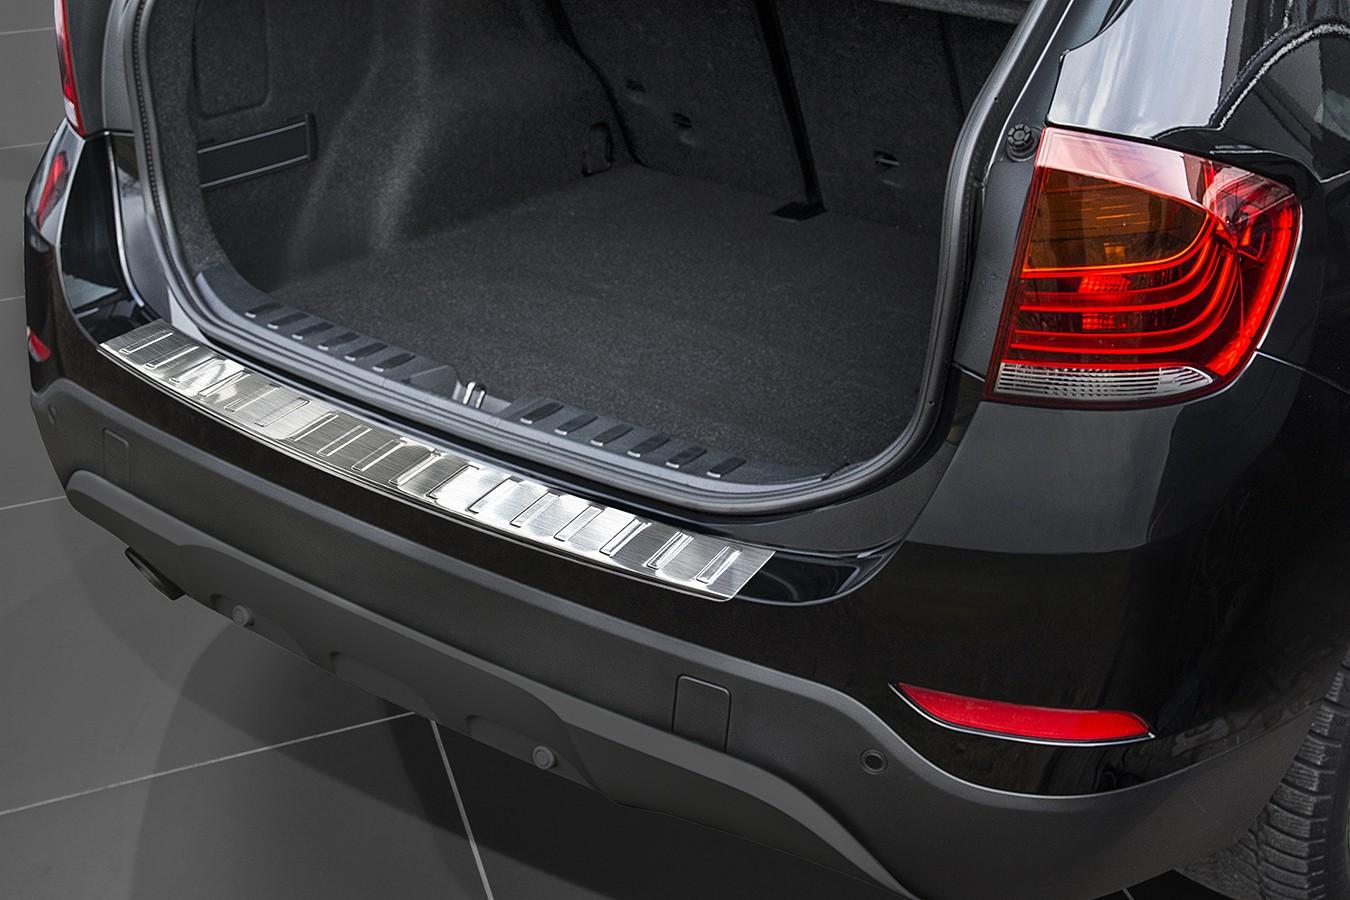 BMW X5 F15 profiledribs (2013-)